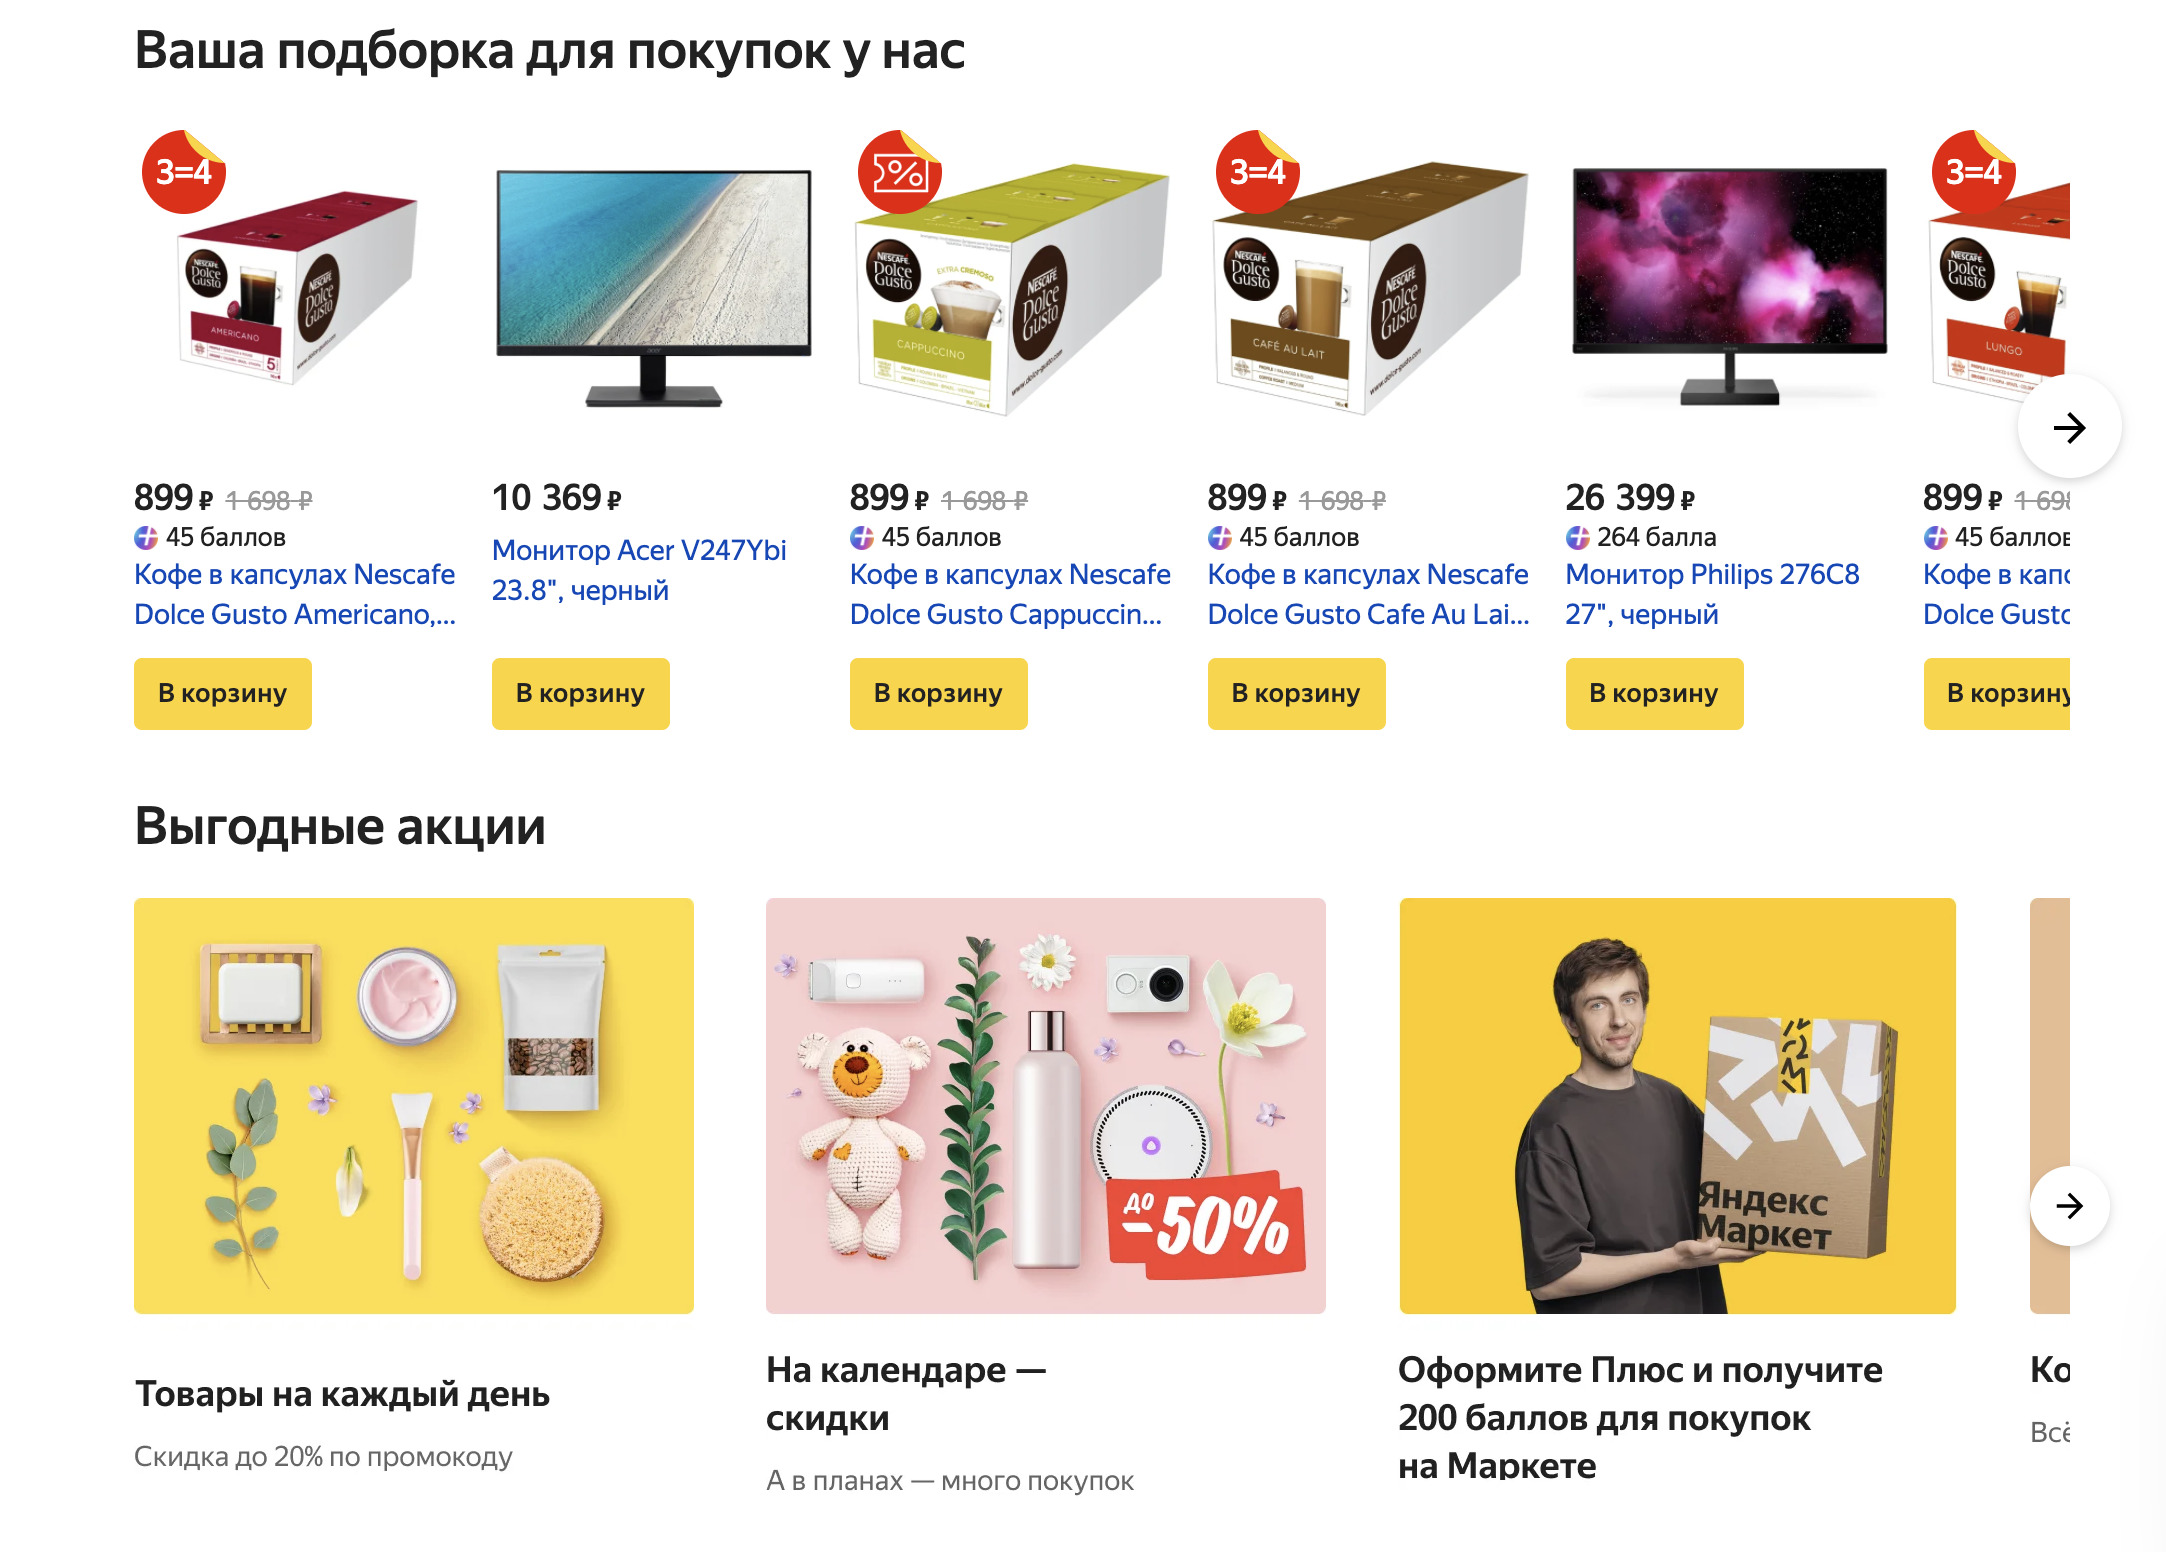 Доставка из Яндекс.Маркет в Новочебоксарск, сроки, пункты выдачи, каталог